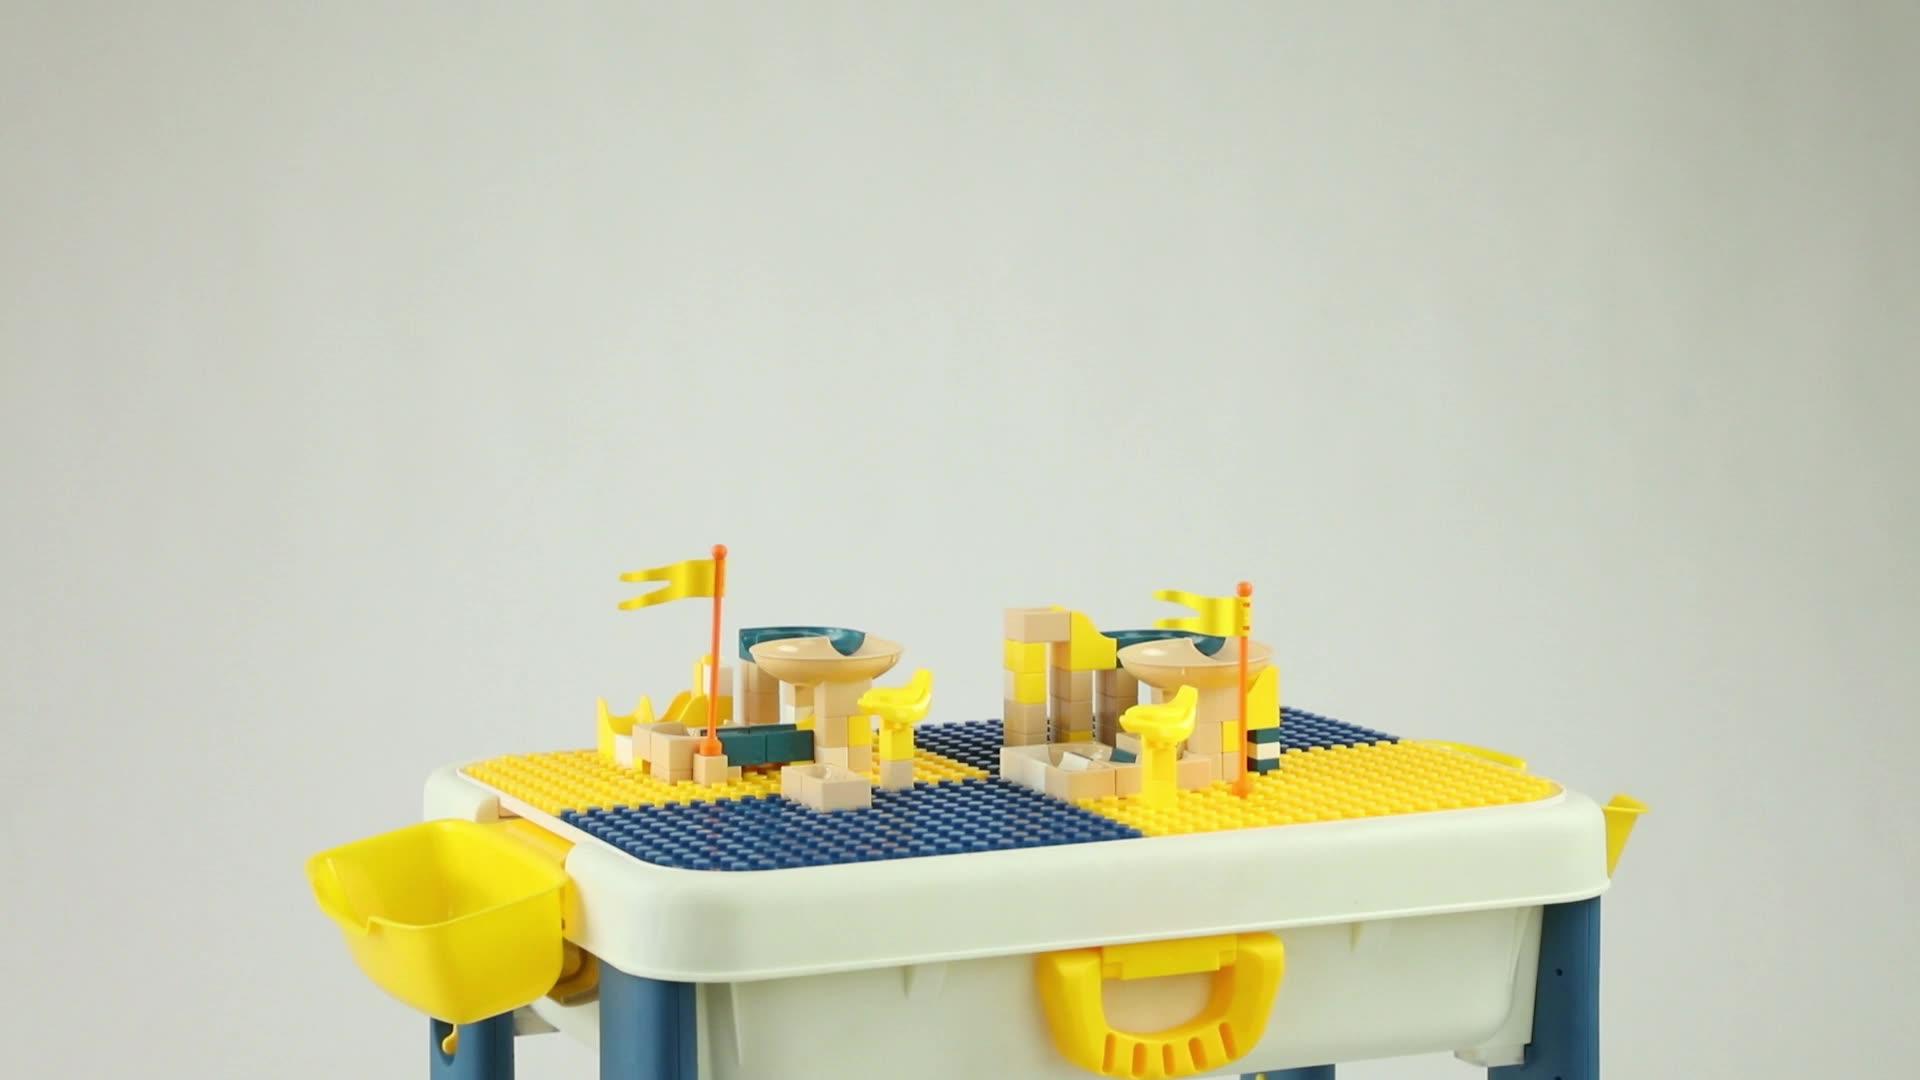 Bloque de construcción multifuncional ajustable, mesa de aprendizaje, escritorio de aprendizaje, juguete educativo Compatible con Legos con sillas